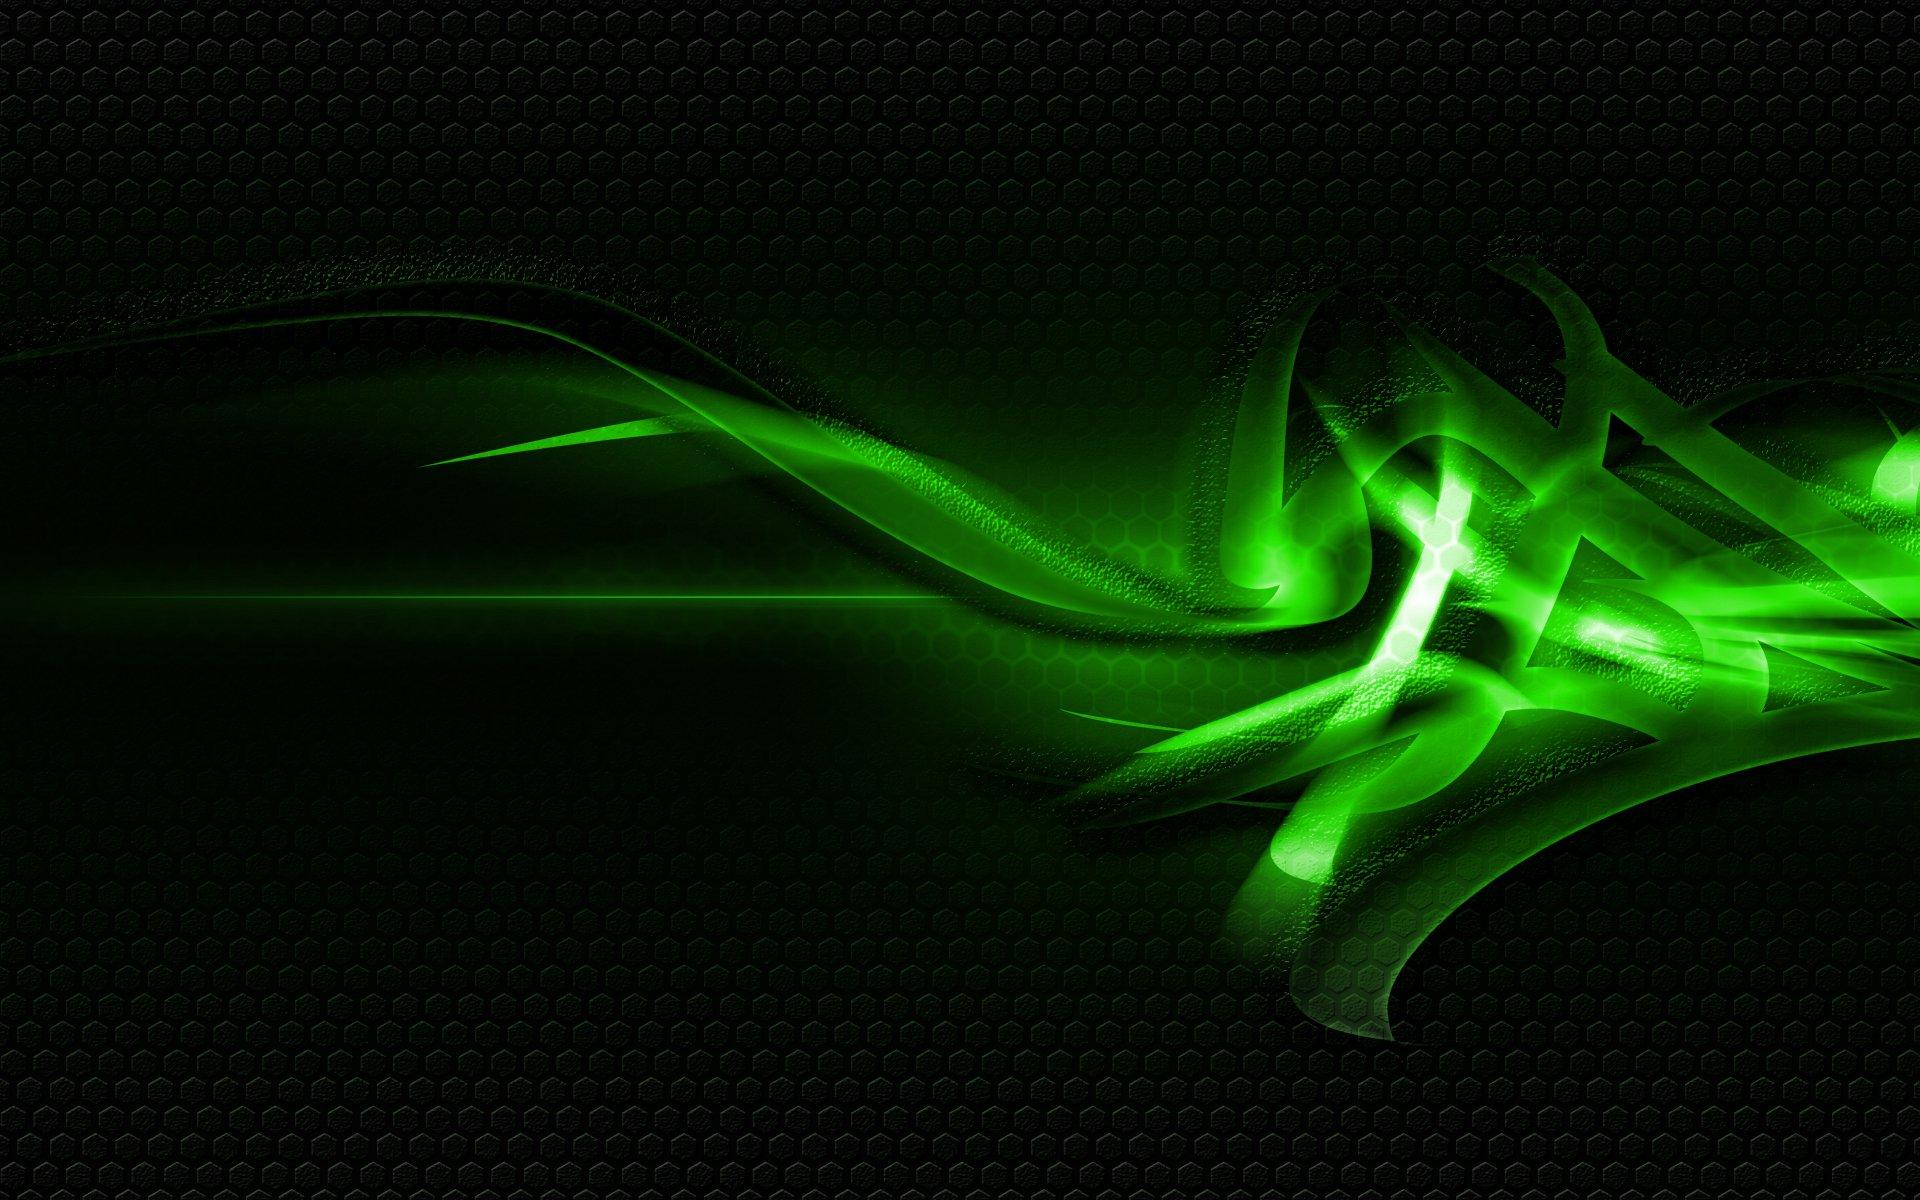 bizwp contentuploads201205cool abstract green wallpaperjpg 1920x1200